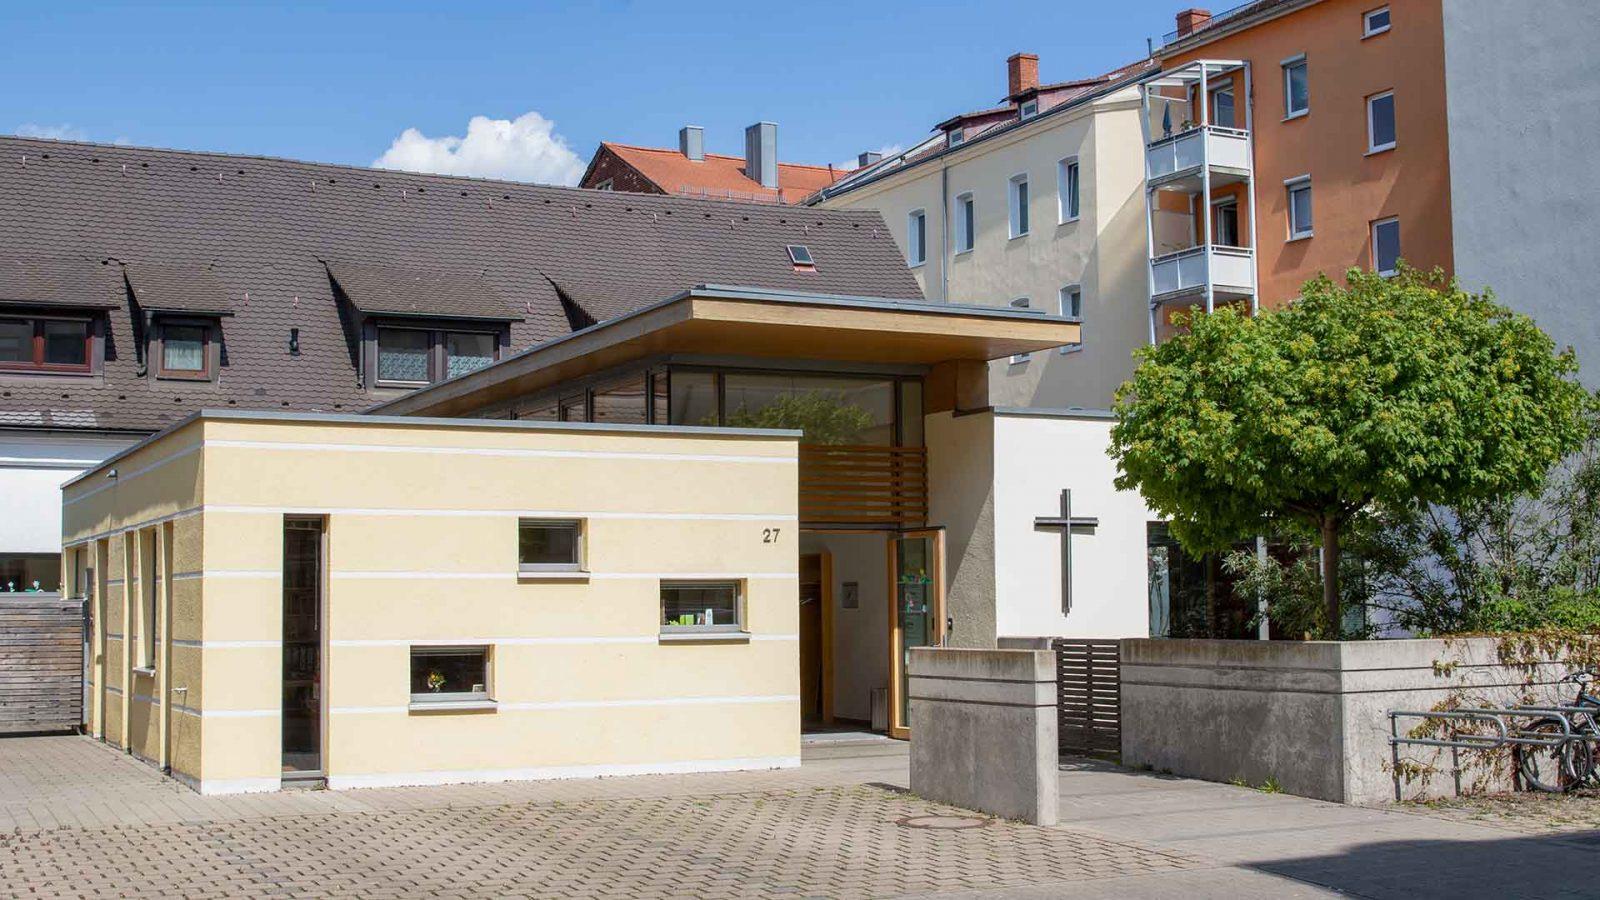 Haus_Nuernberg